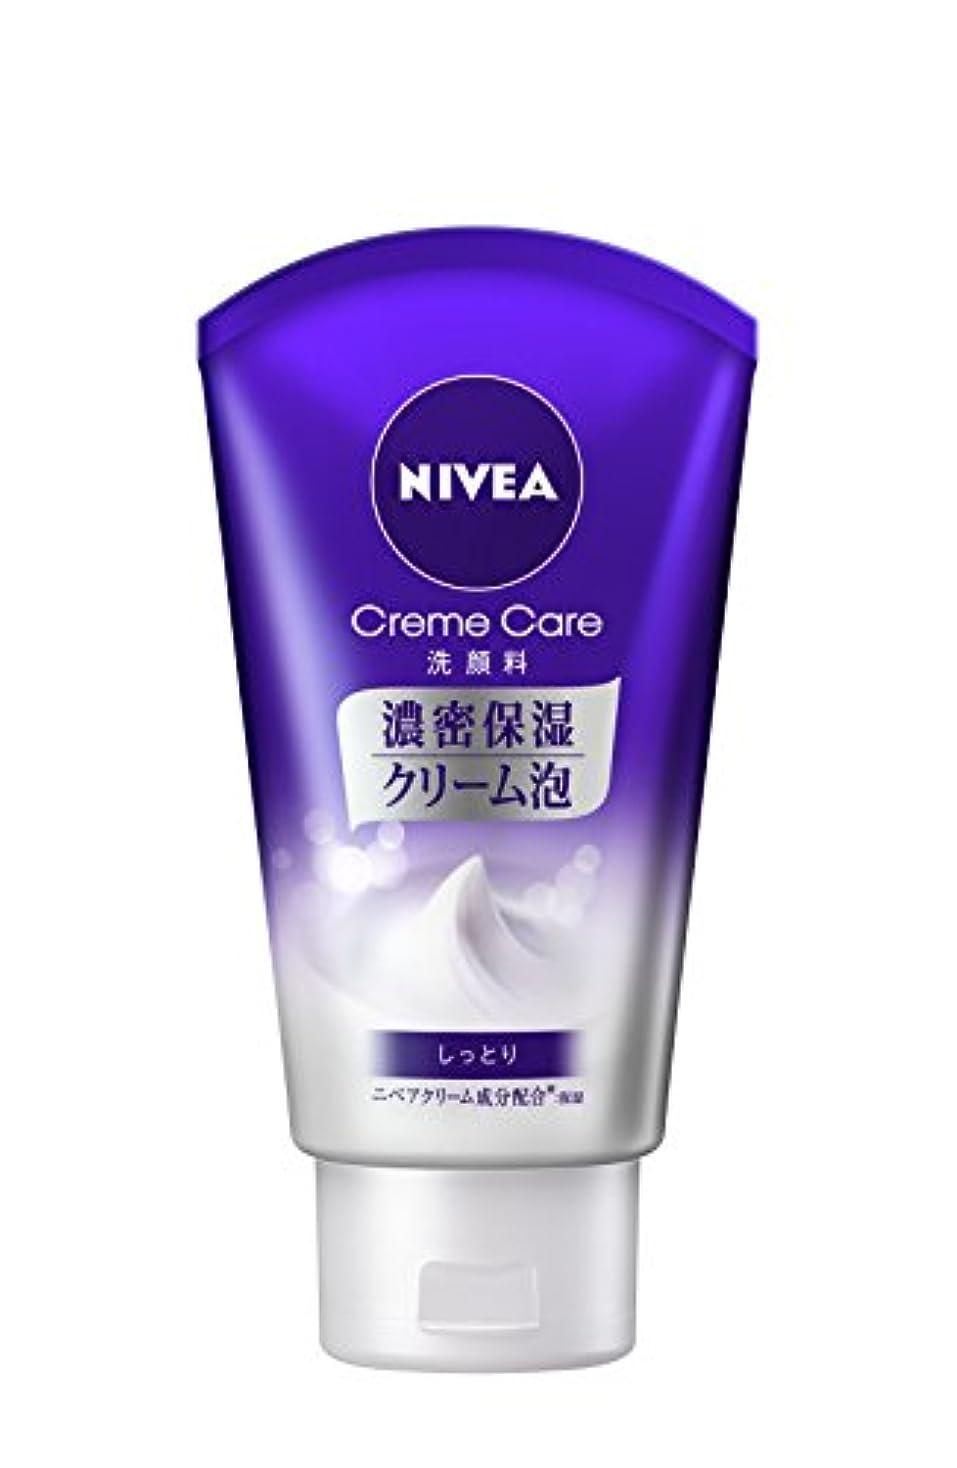 検索エンジンマーケティング療法シードニベアクリームケア 洗顔料 しっとり 130g